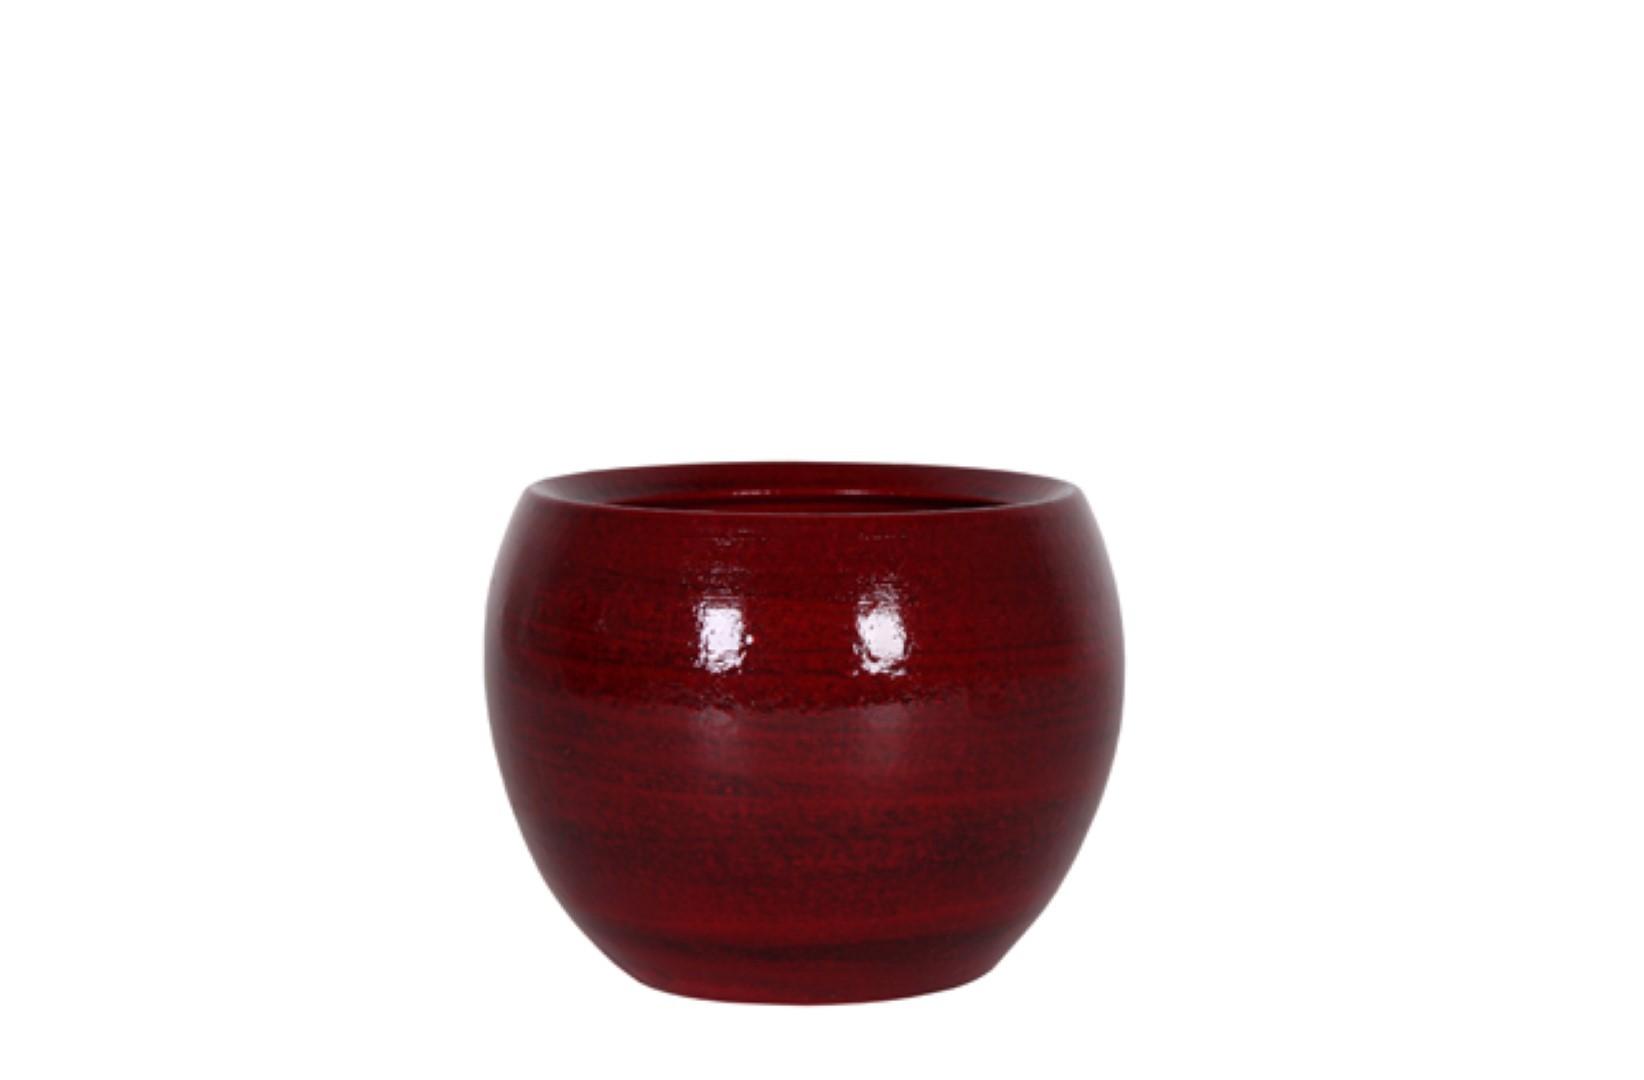 Bloembak Pot Cresta deep red D17 H13 cm TS